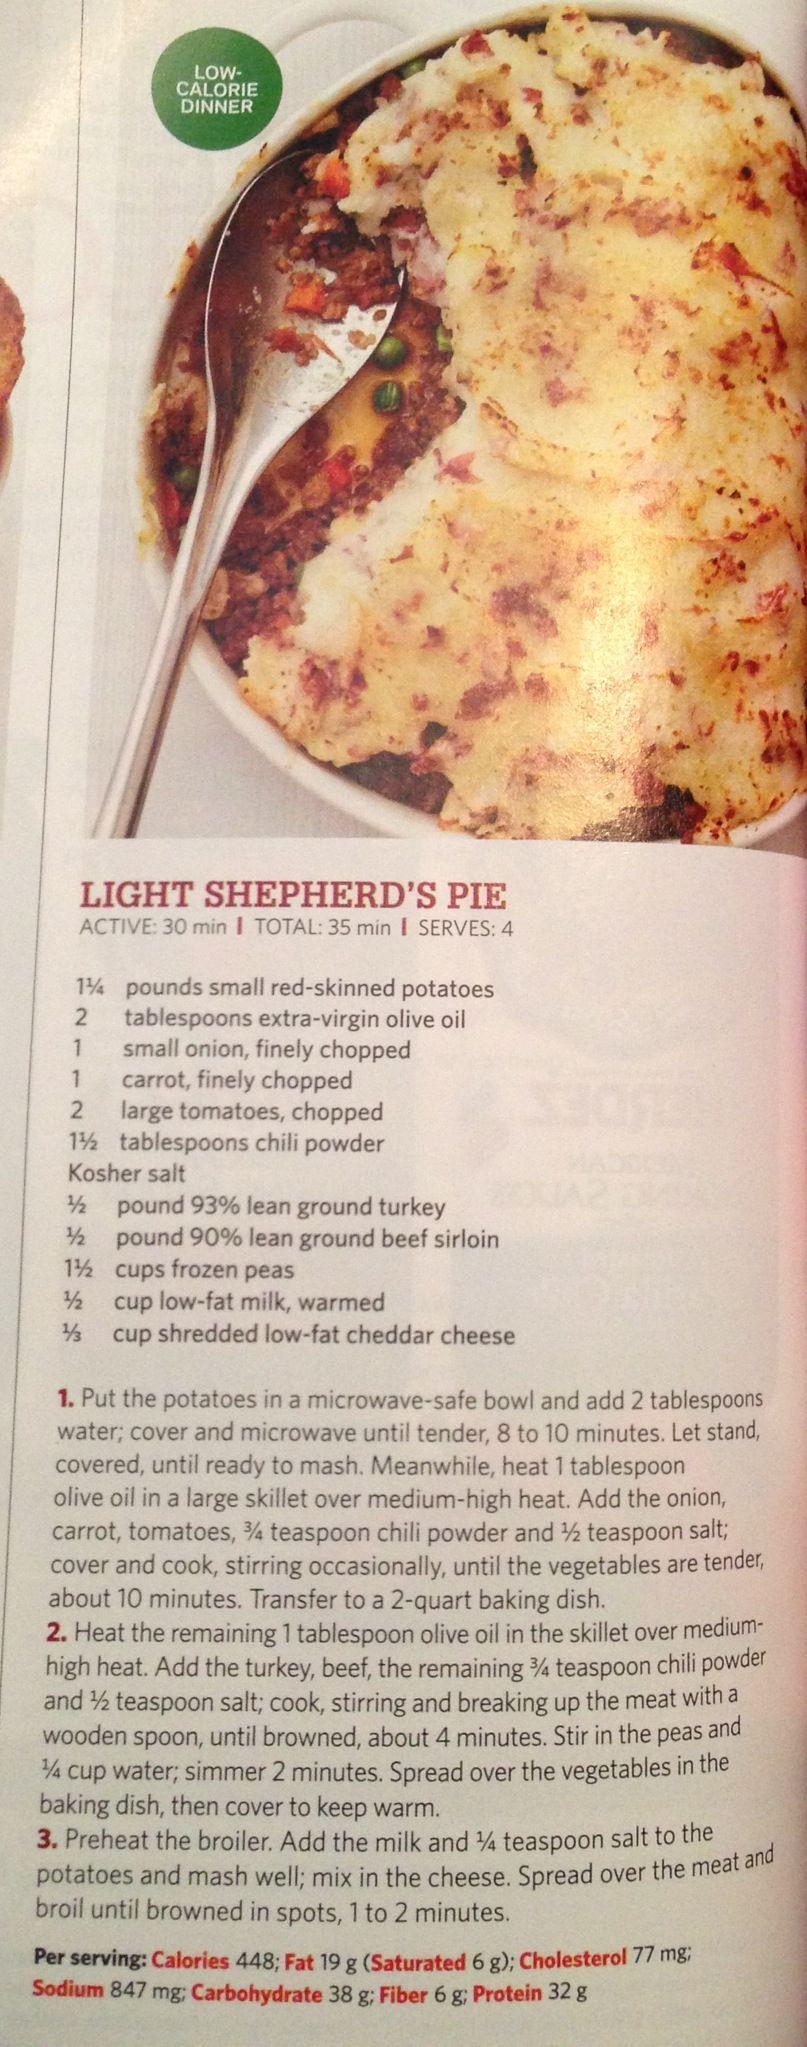 Light shepherd's pie | Meat, lobster, shrimp main dishes | Pinterest